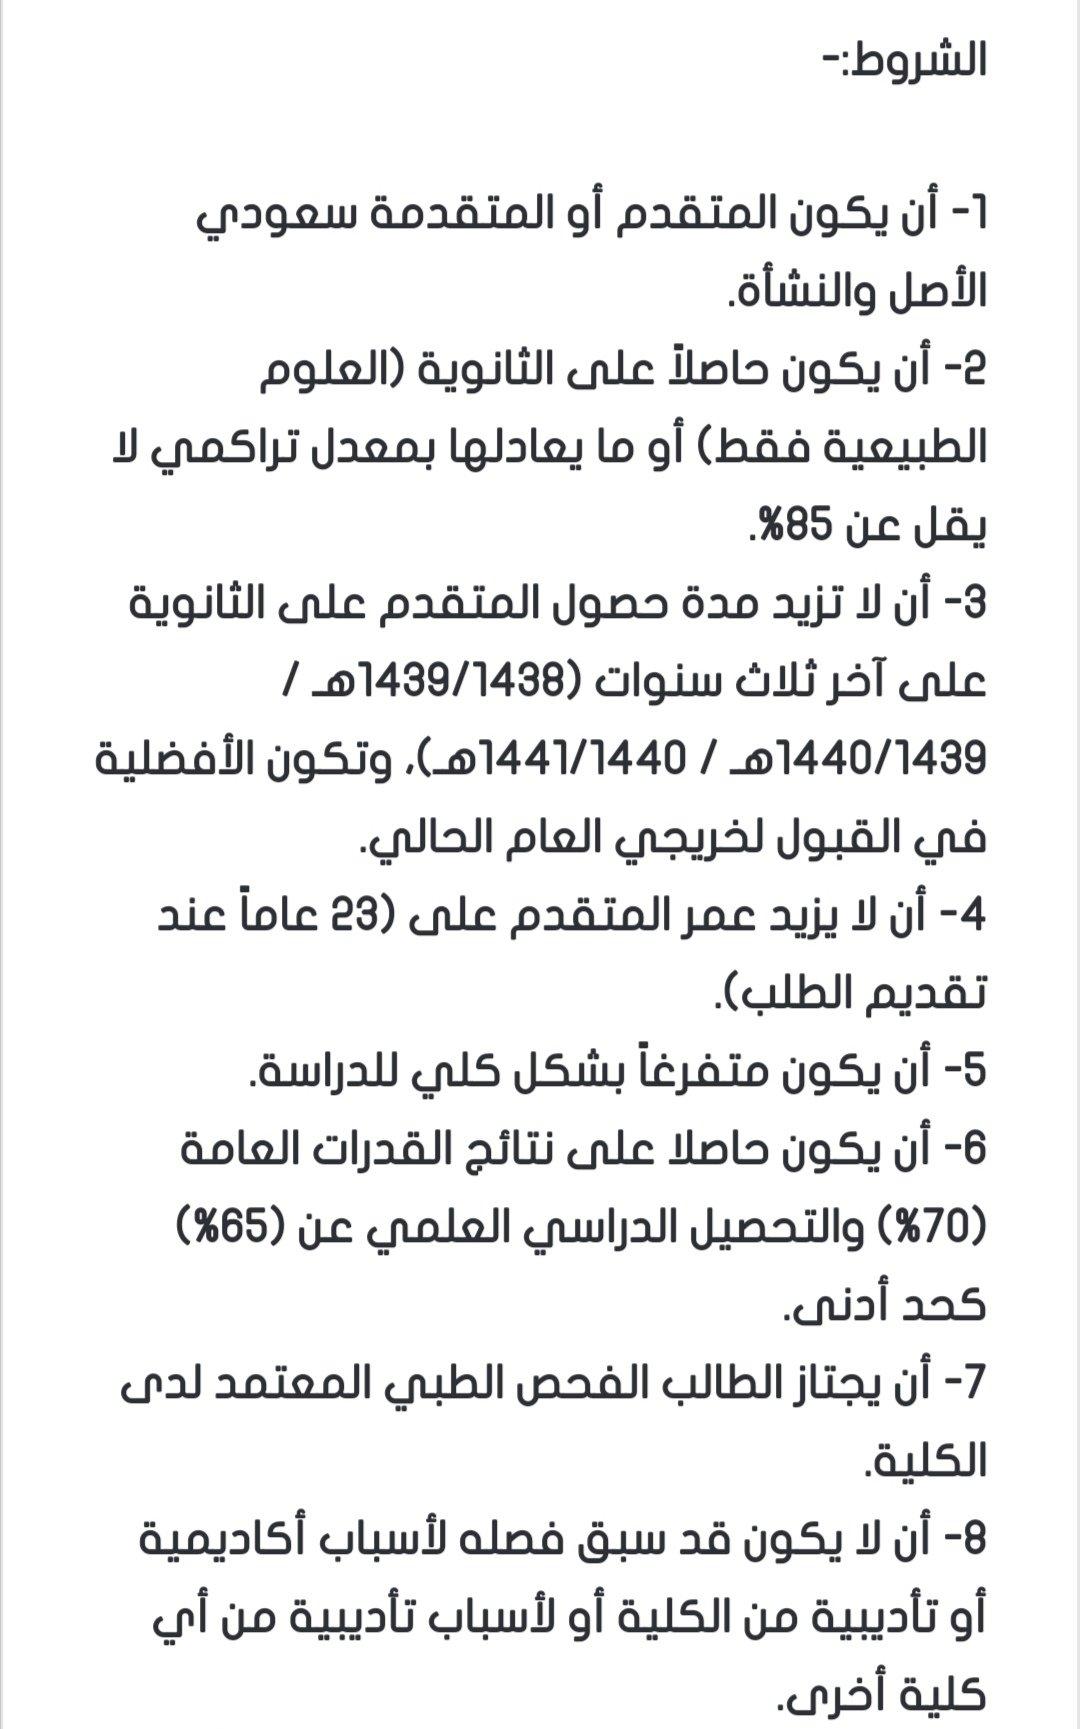 التسجيل في كلية الأمير سلطان العسكرية ورابط وشروط التسجيل ثقفني